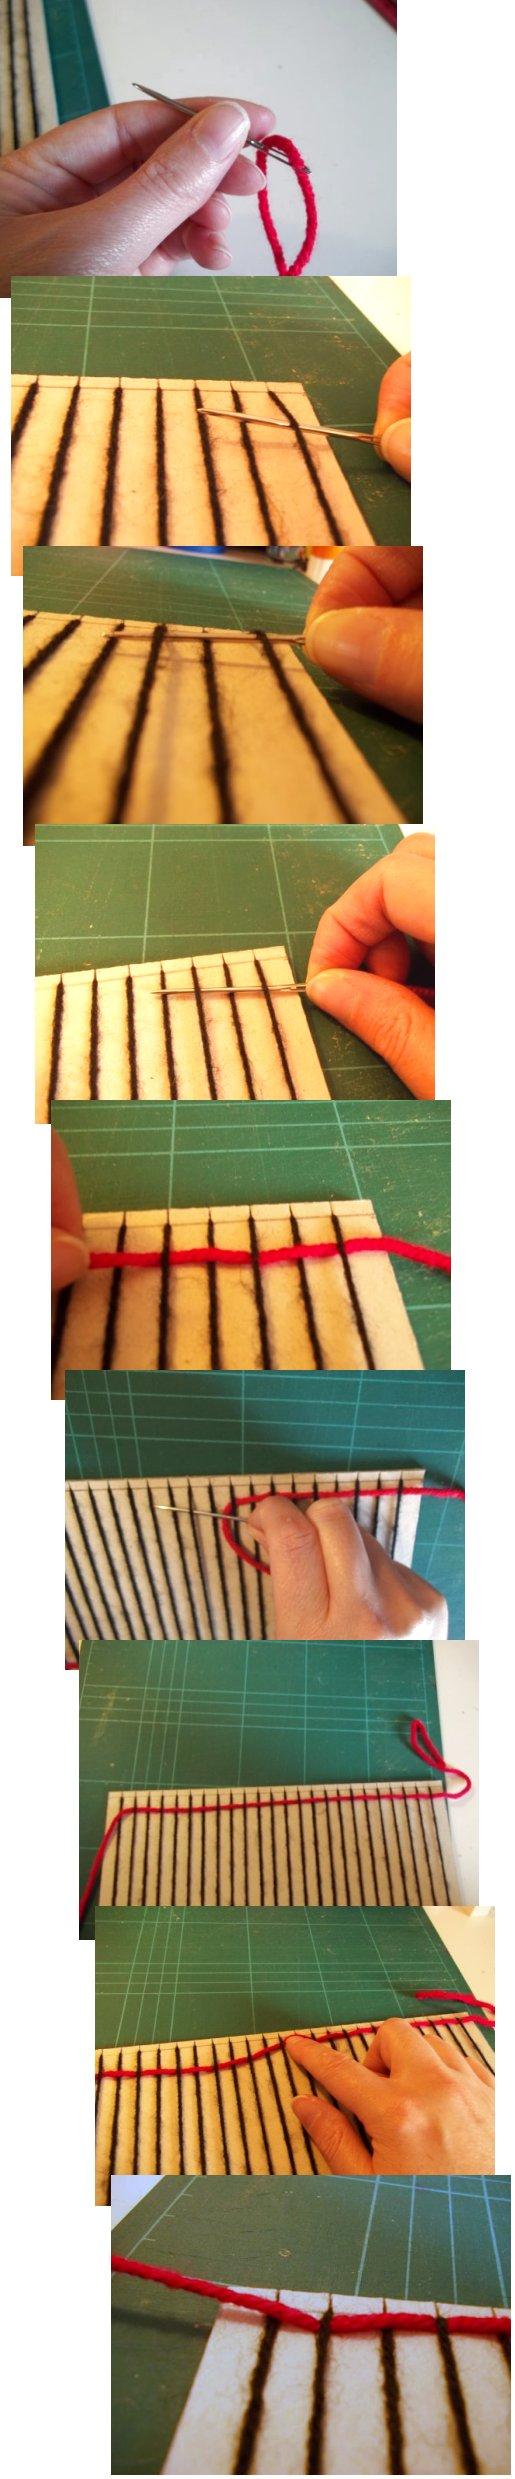 Tejido en telar de fabricación casera sencilla Basic-weaving-with-a-homemade-loom-step5